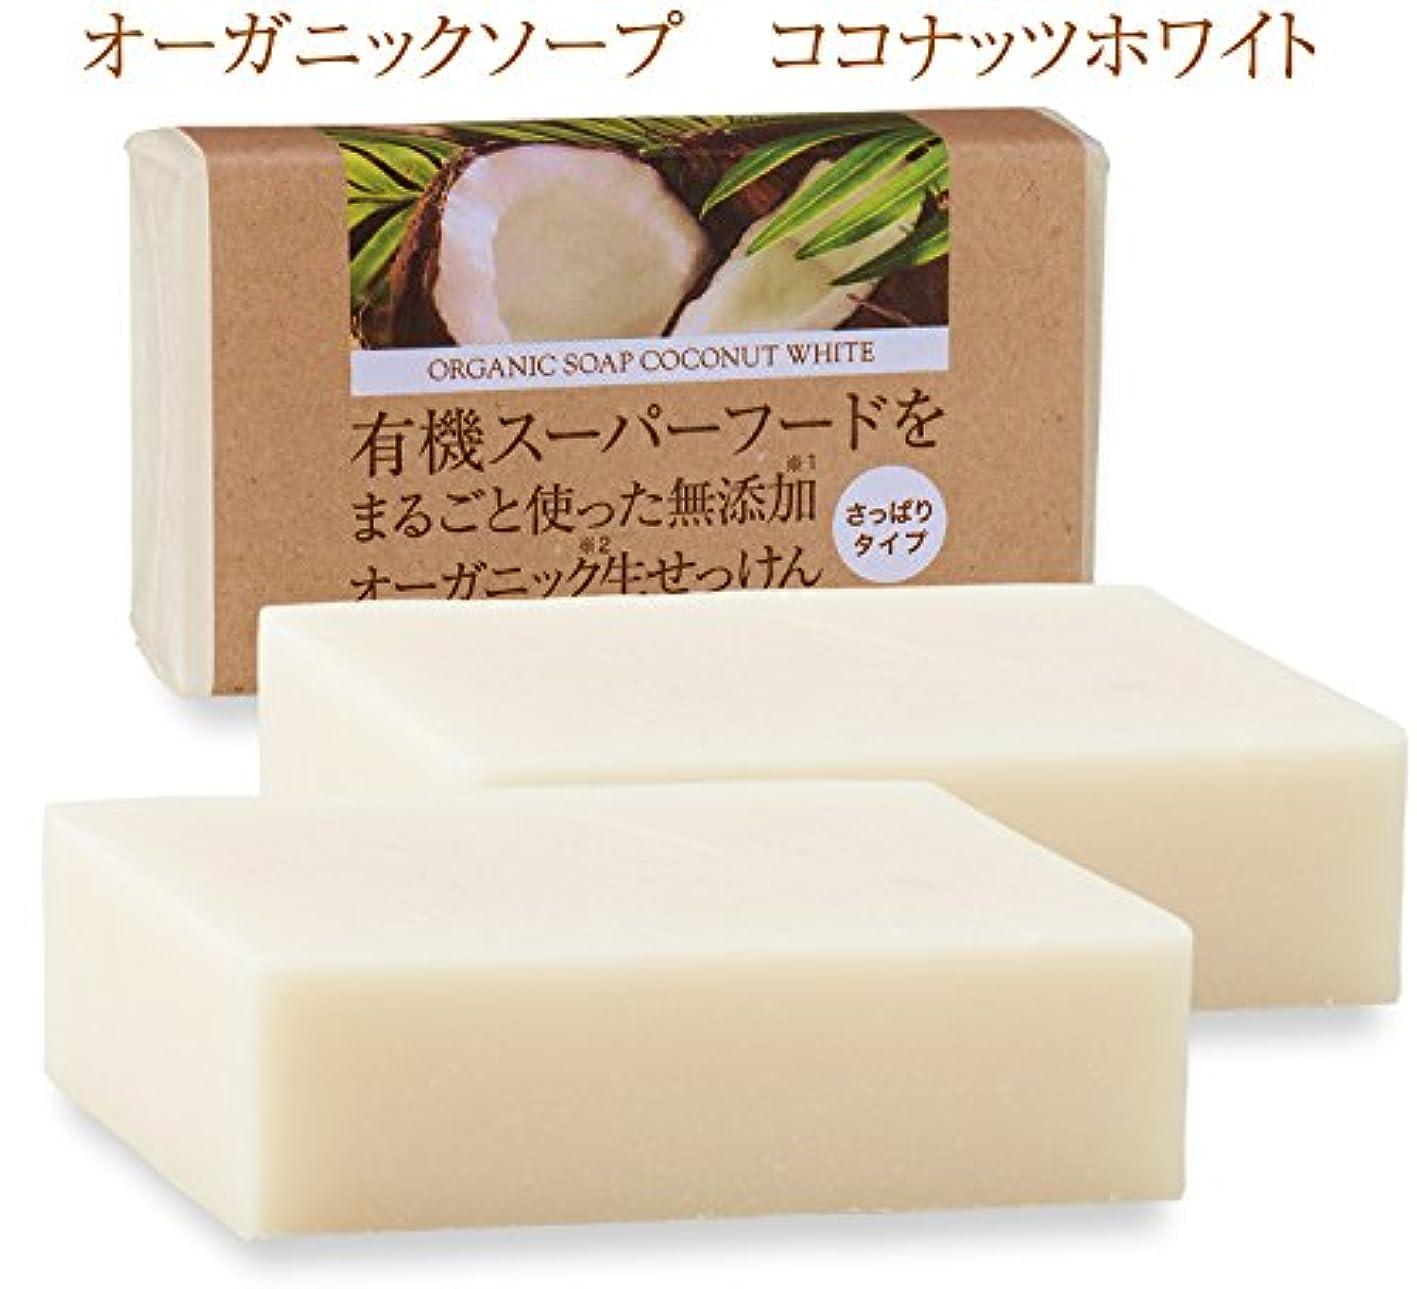 偽善者どんよりした言い聞かせる有機ココナッツオイルをまるごと使った無添加オーガニック生せっけん(枠練)Organic Raw Soap Coconut White 80g 2個 コールドプロセス製法 (日本製)